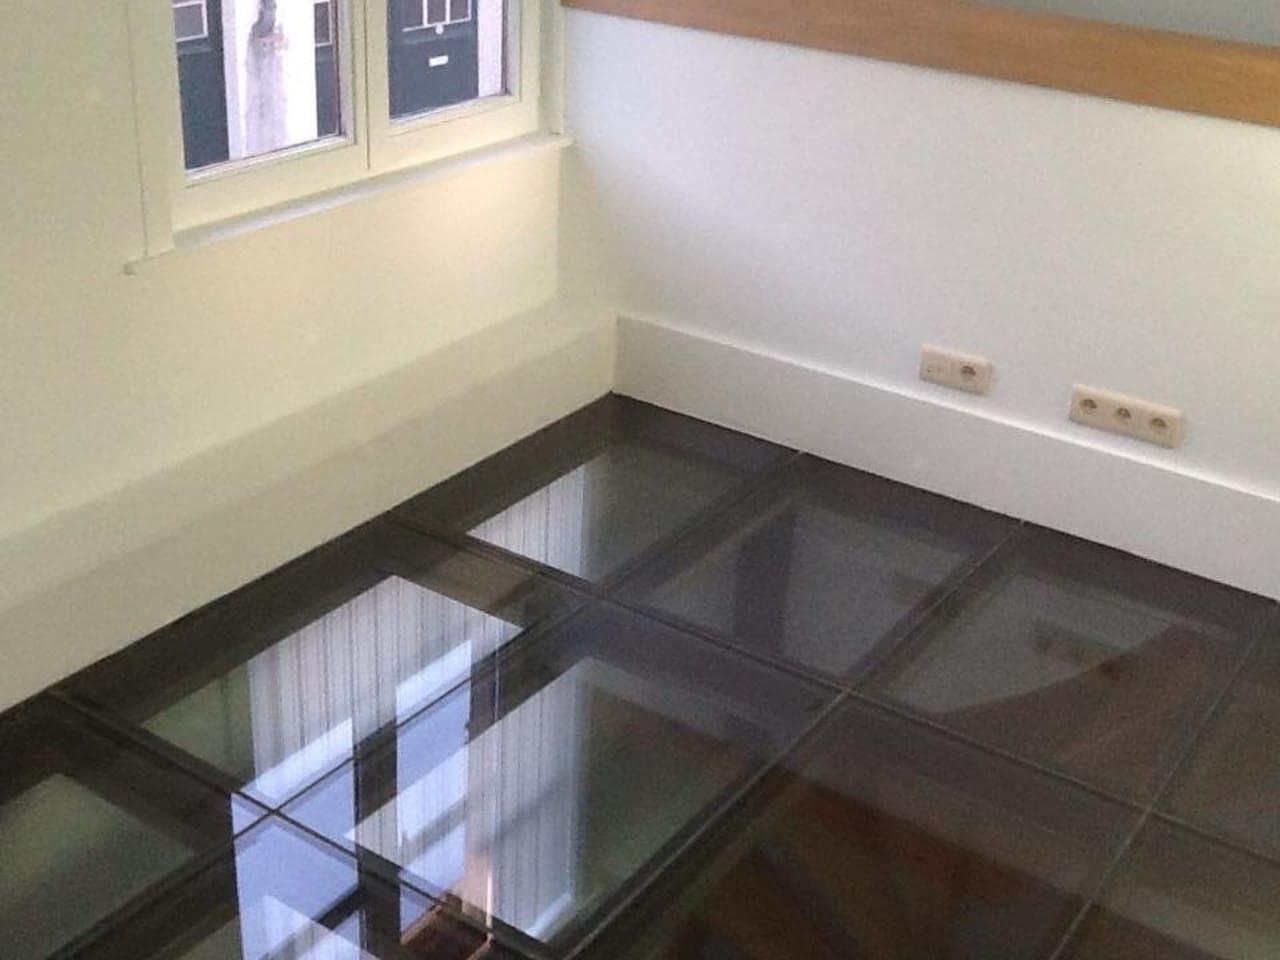 logeerkamer , glazenvloer, een half open muur aan de traphal